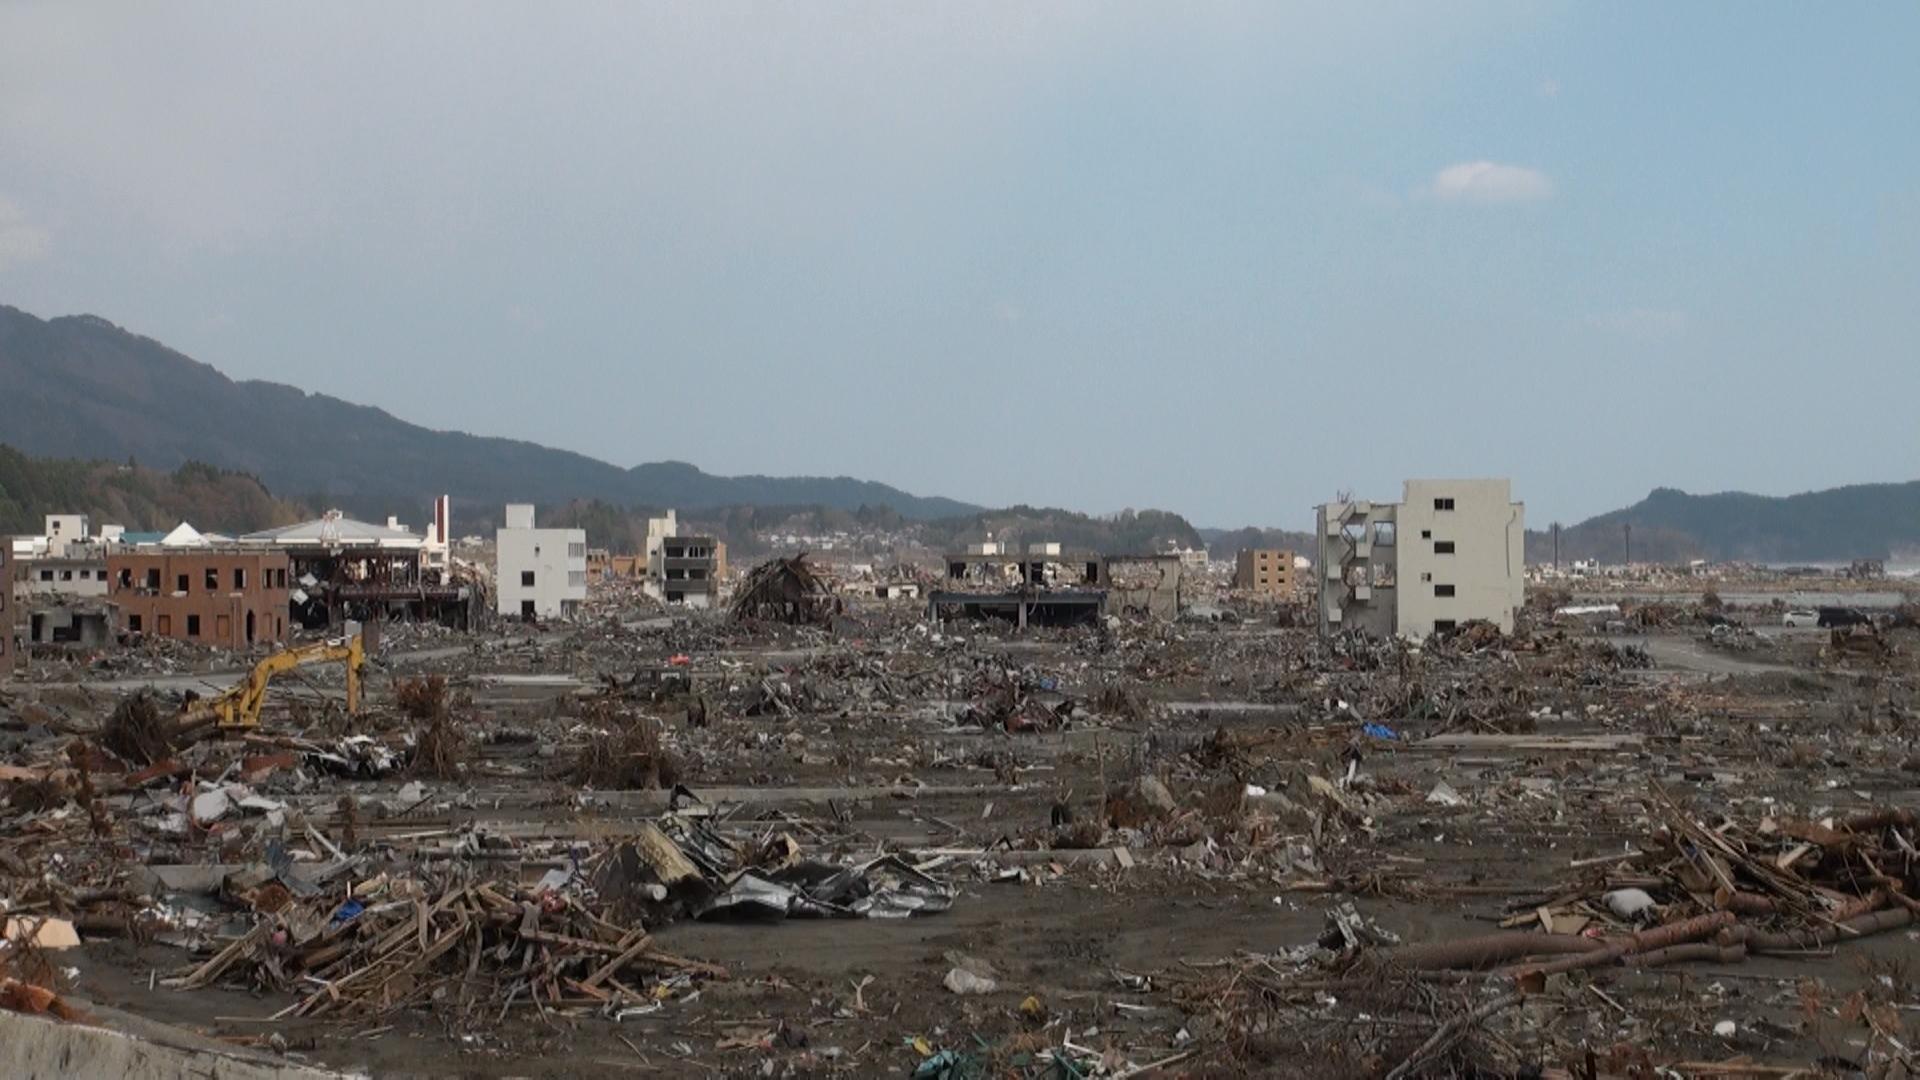 高田町 海と平行に見た。 片付けられる前はどんなにひどい状況 だったか。